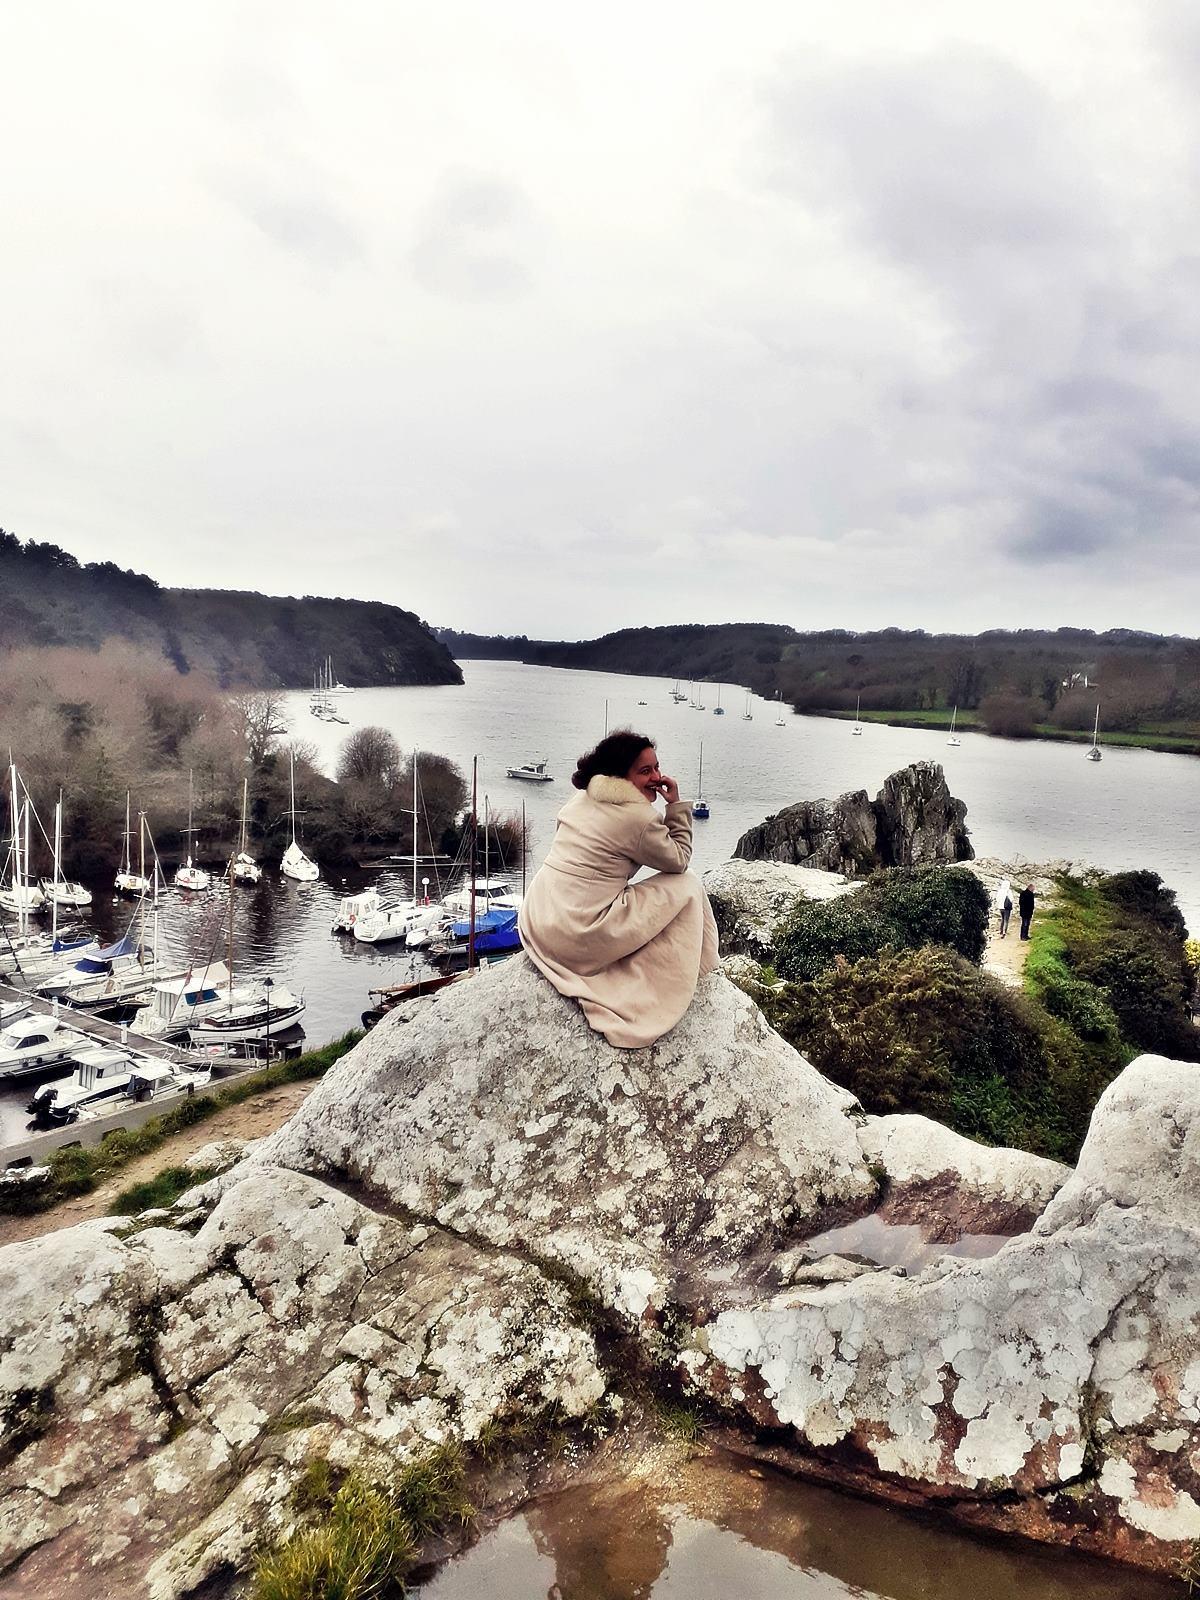 La roche bernard 14